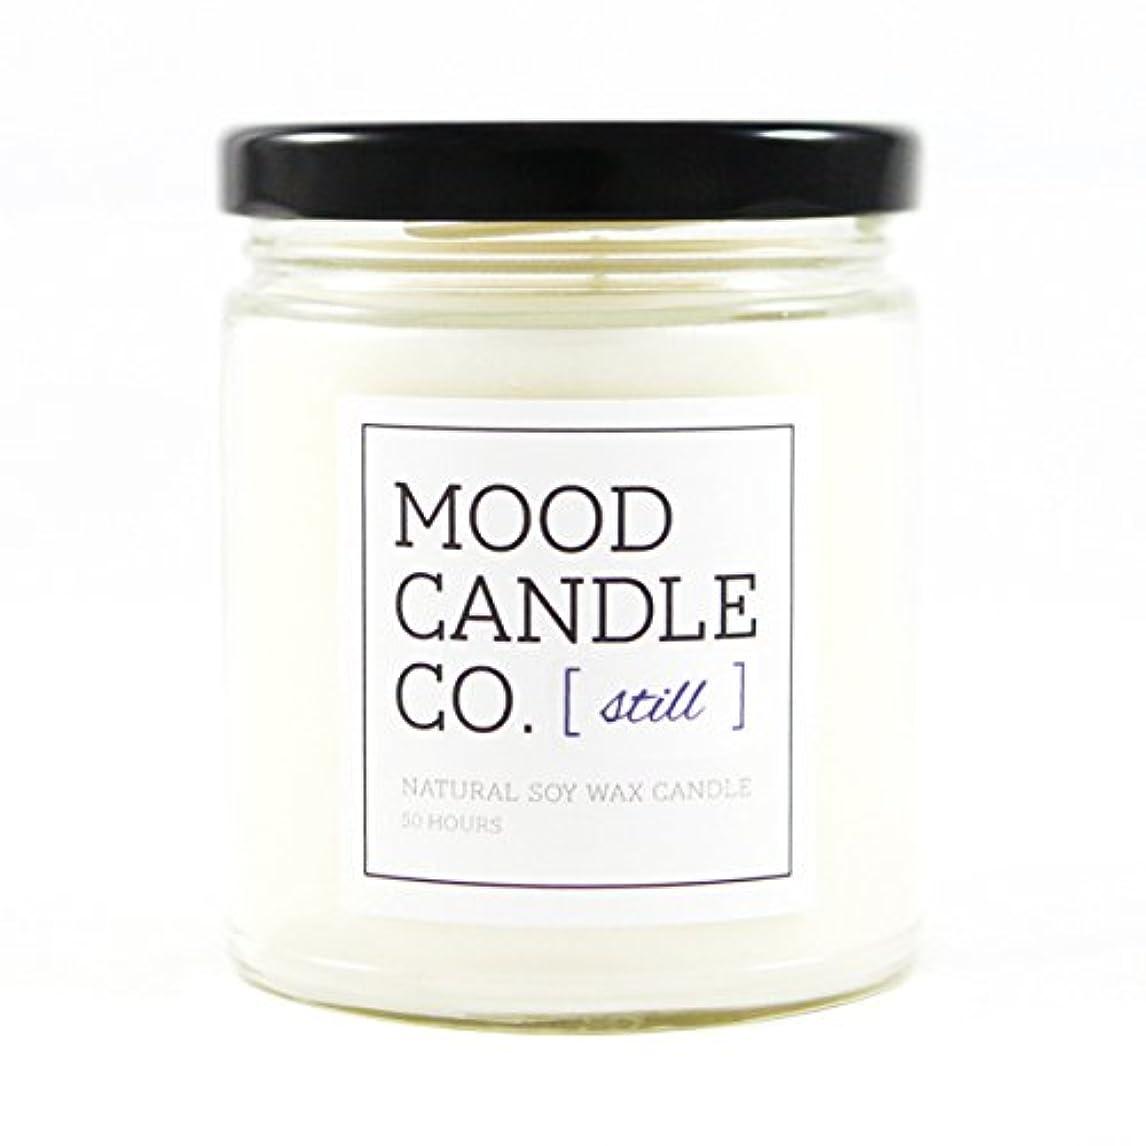 革命社会科マーク自然Soy Candle、50時間、Great for Aromatherapy、ヨガ、瞑想、非毒性、by Mood Candle Co。 50 HOURS ホワイト